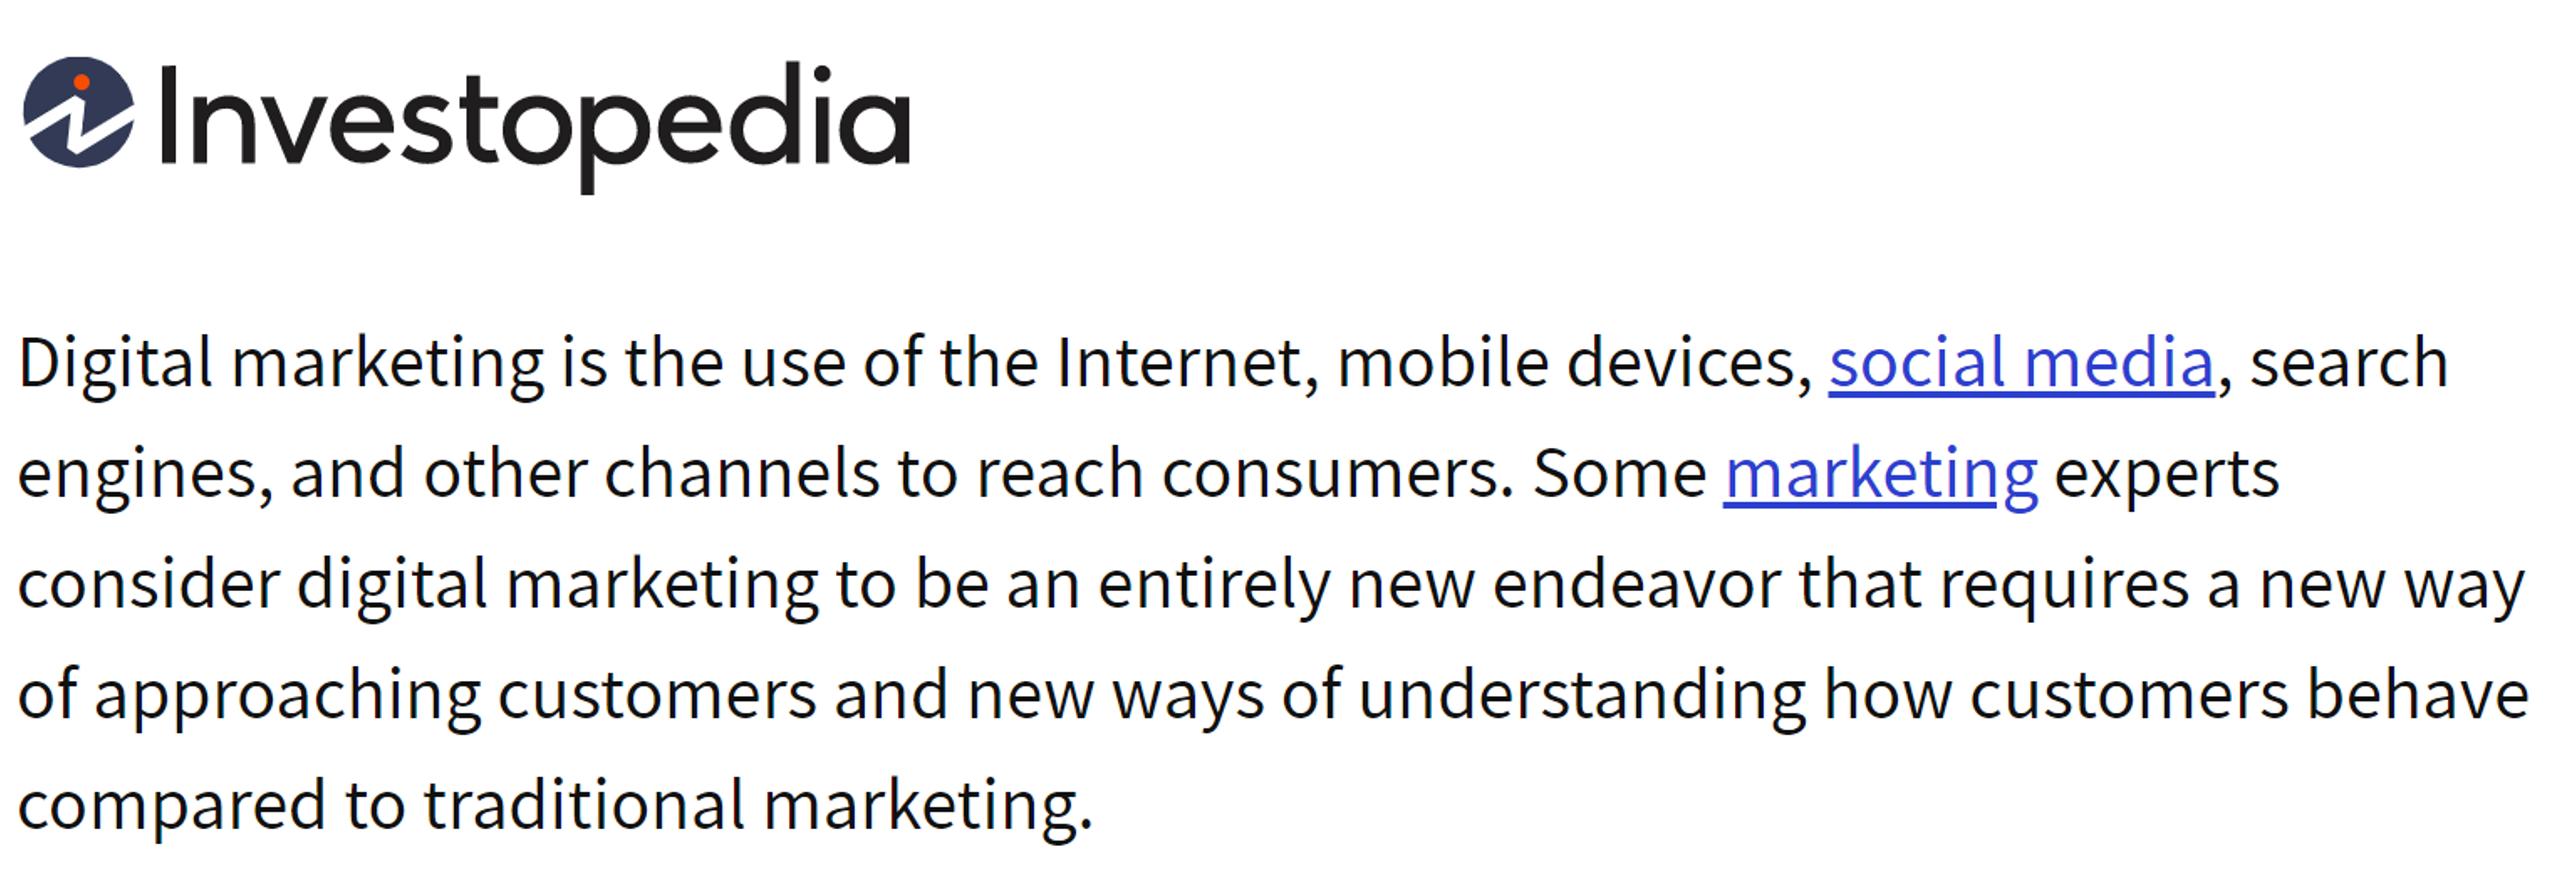 دیجیتال مارکتینگ |investopedia